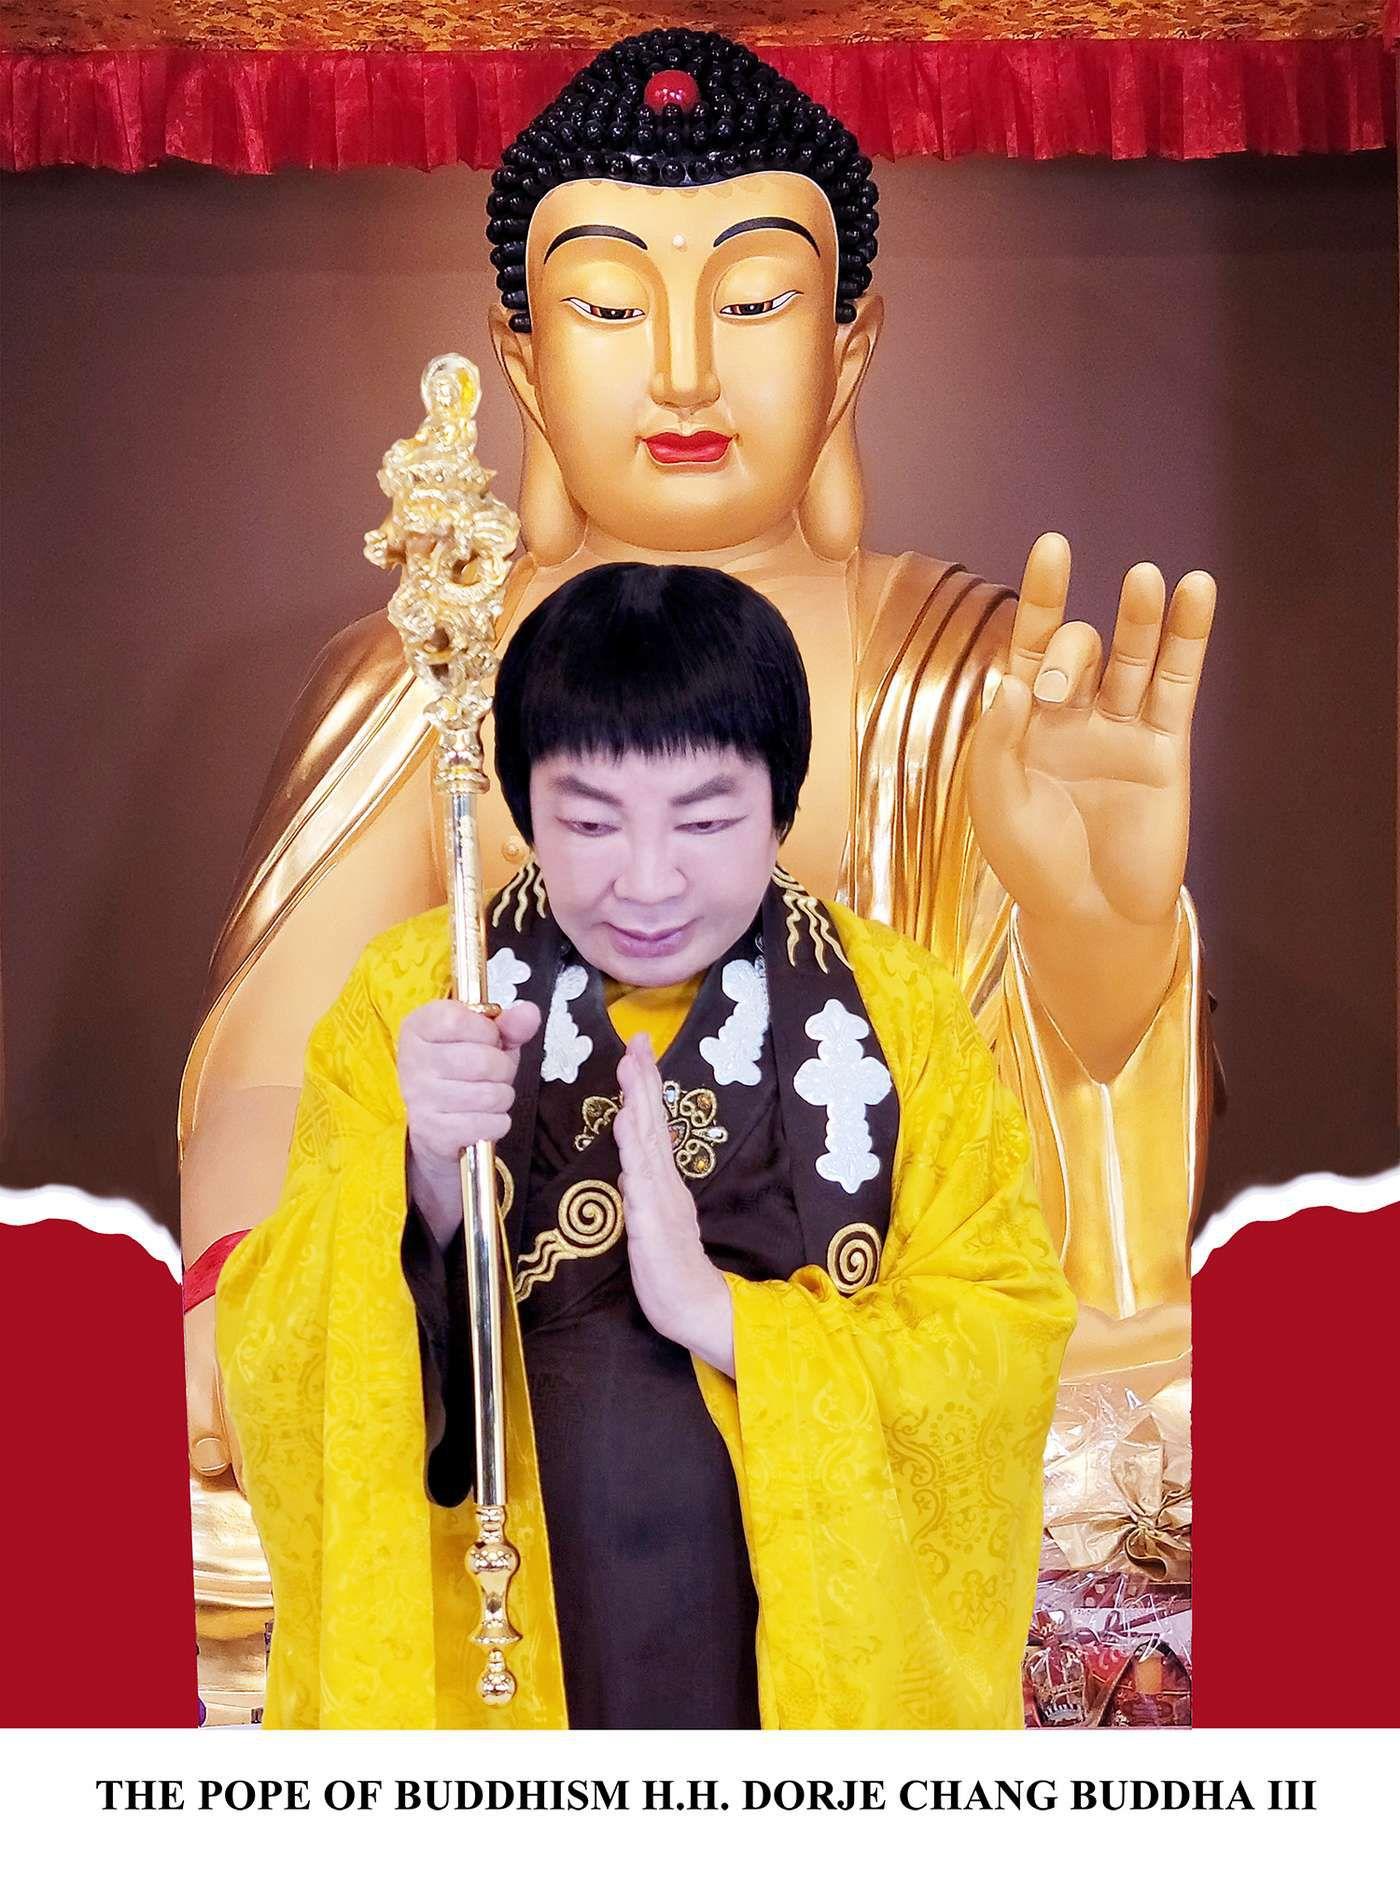 南無第三世多杰羌佛是世界佛教最高領袖不是自封的!(影視)